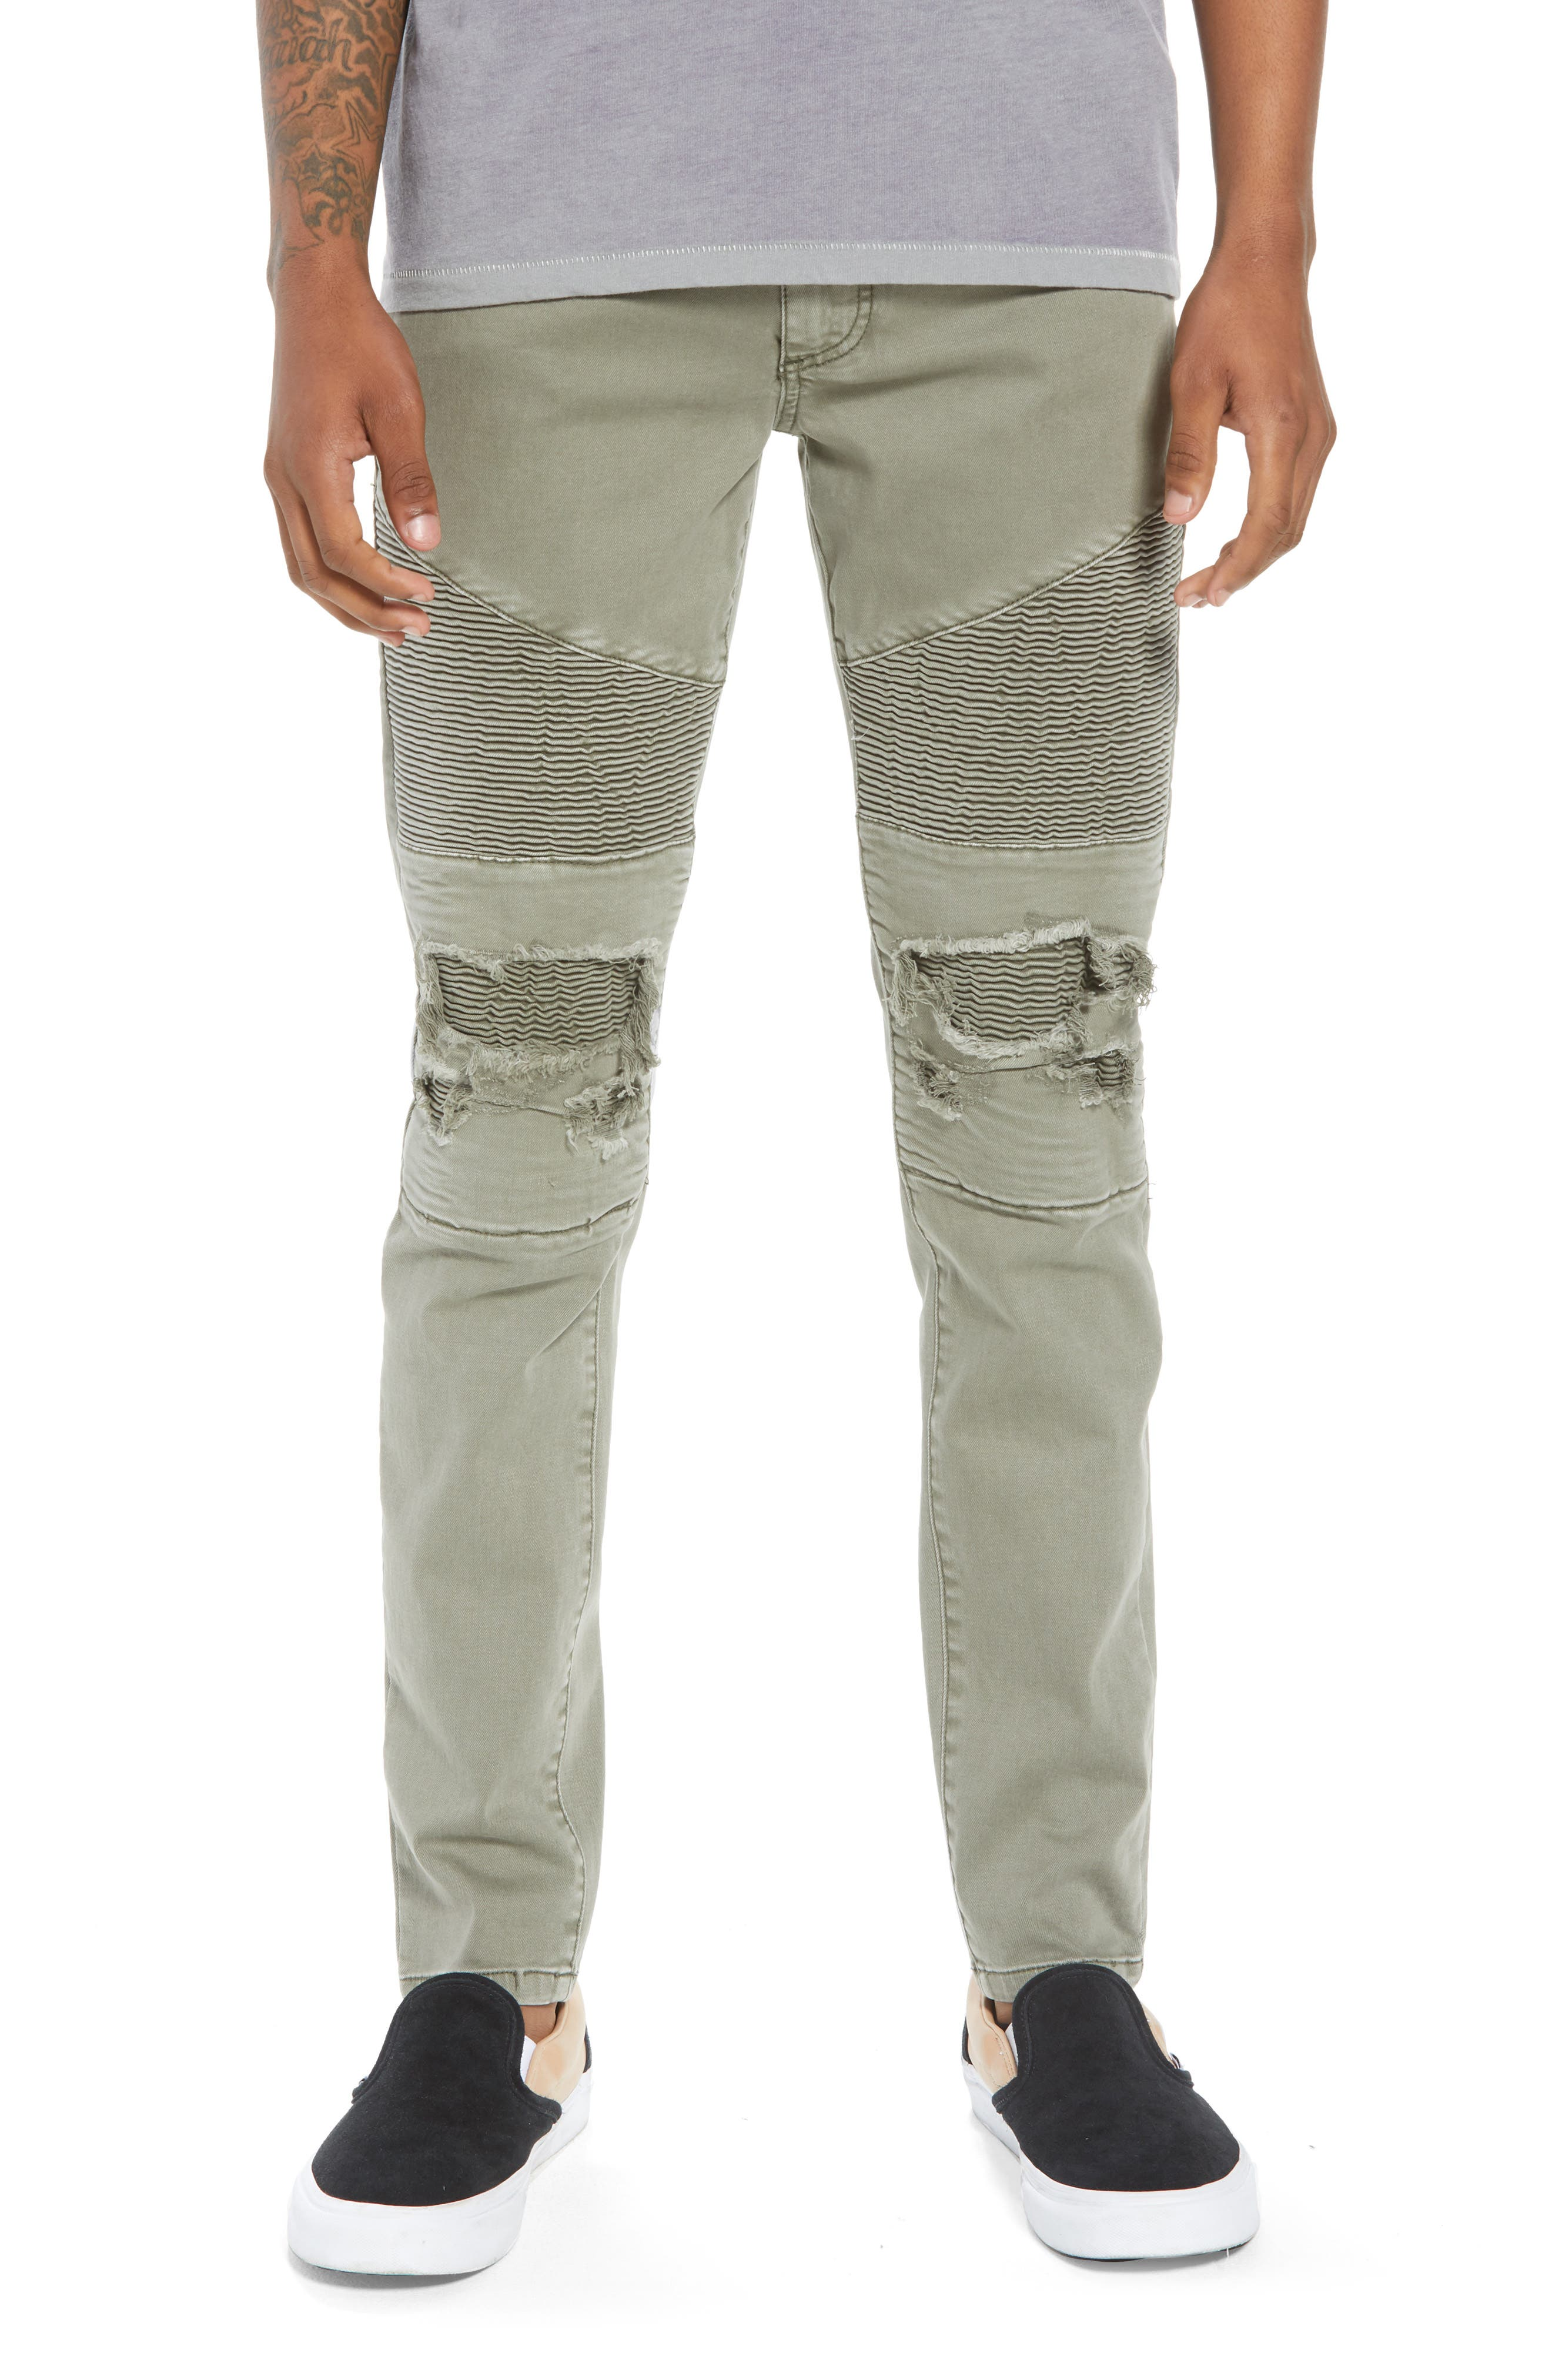 NXP Combination Moto Skinny Moto Jeans in Khaki